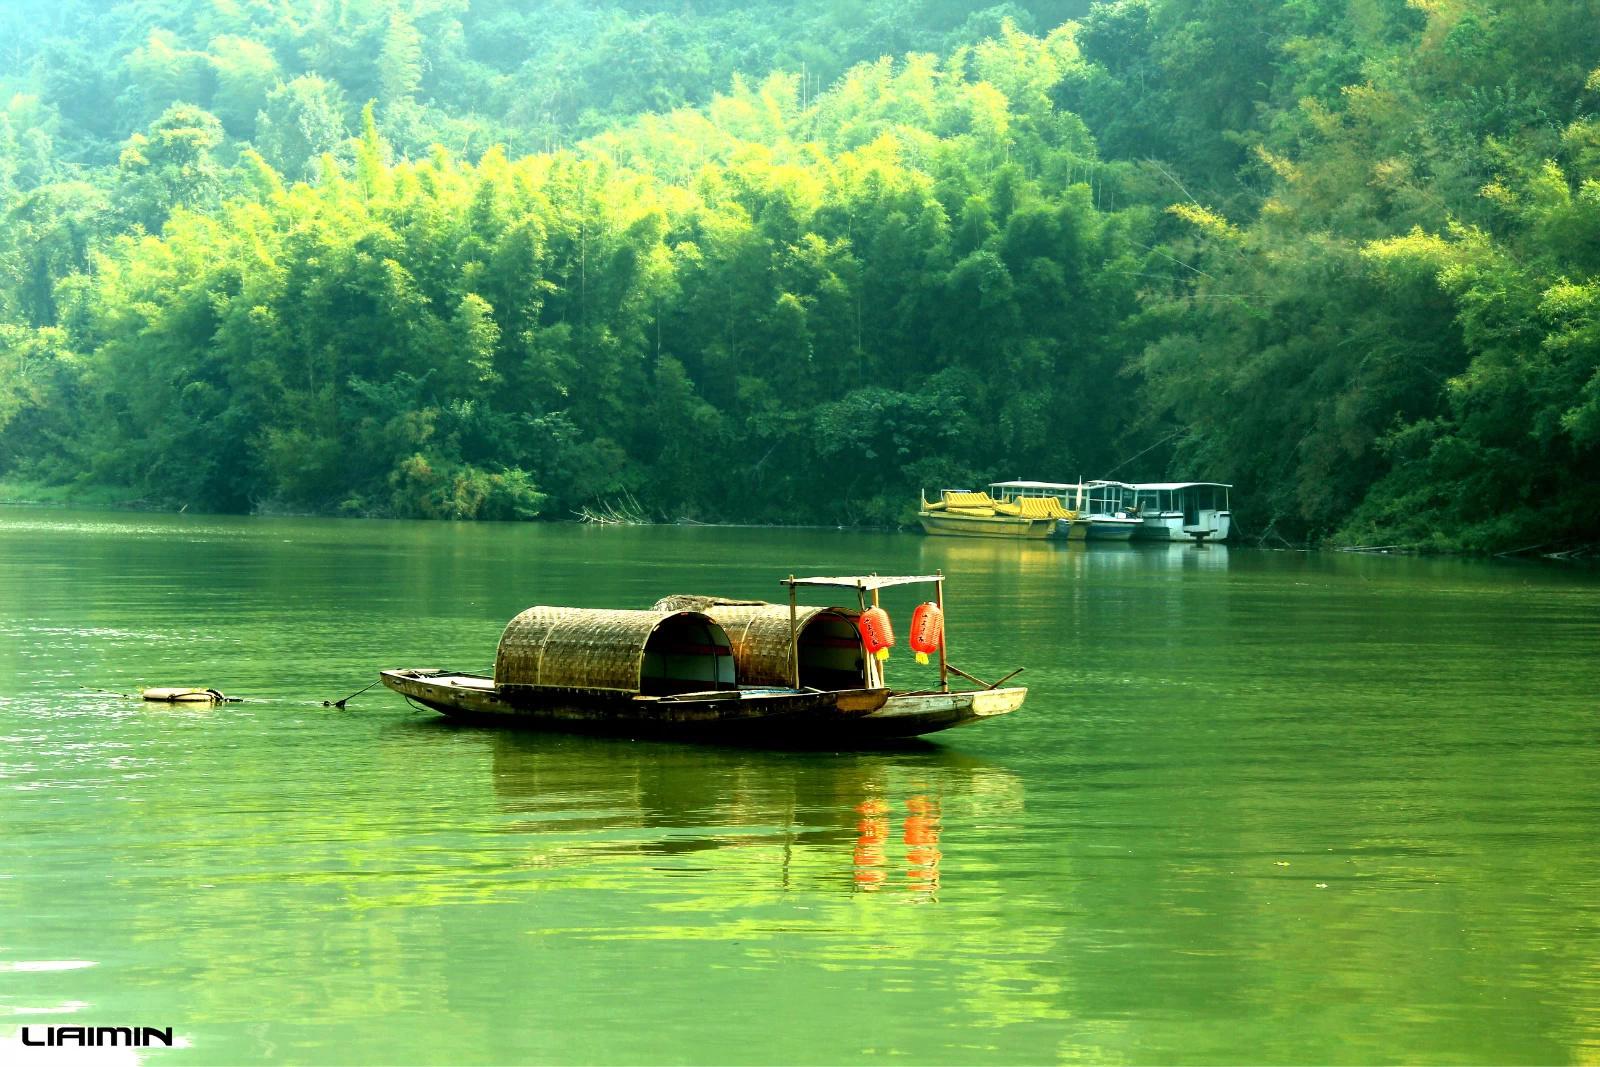 舟晚上风景图片